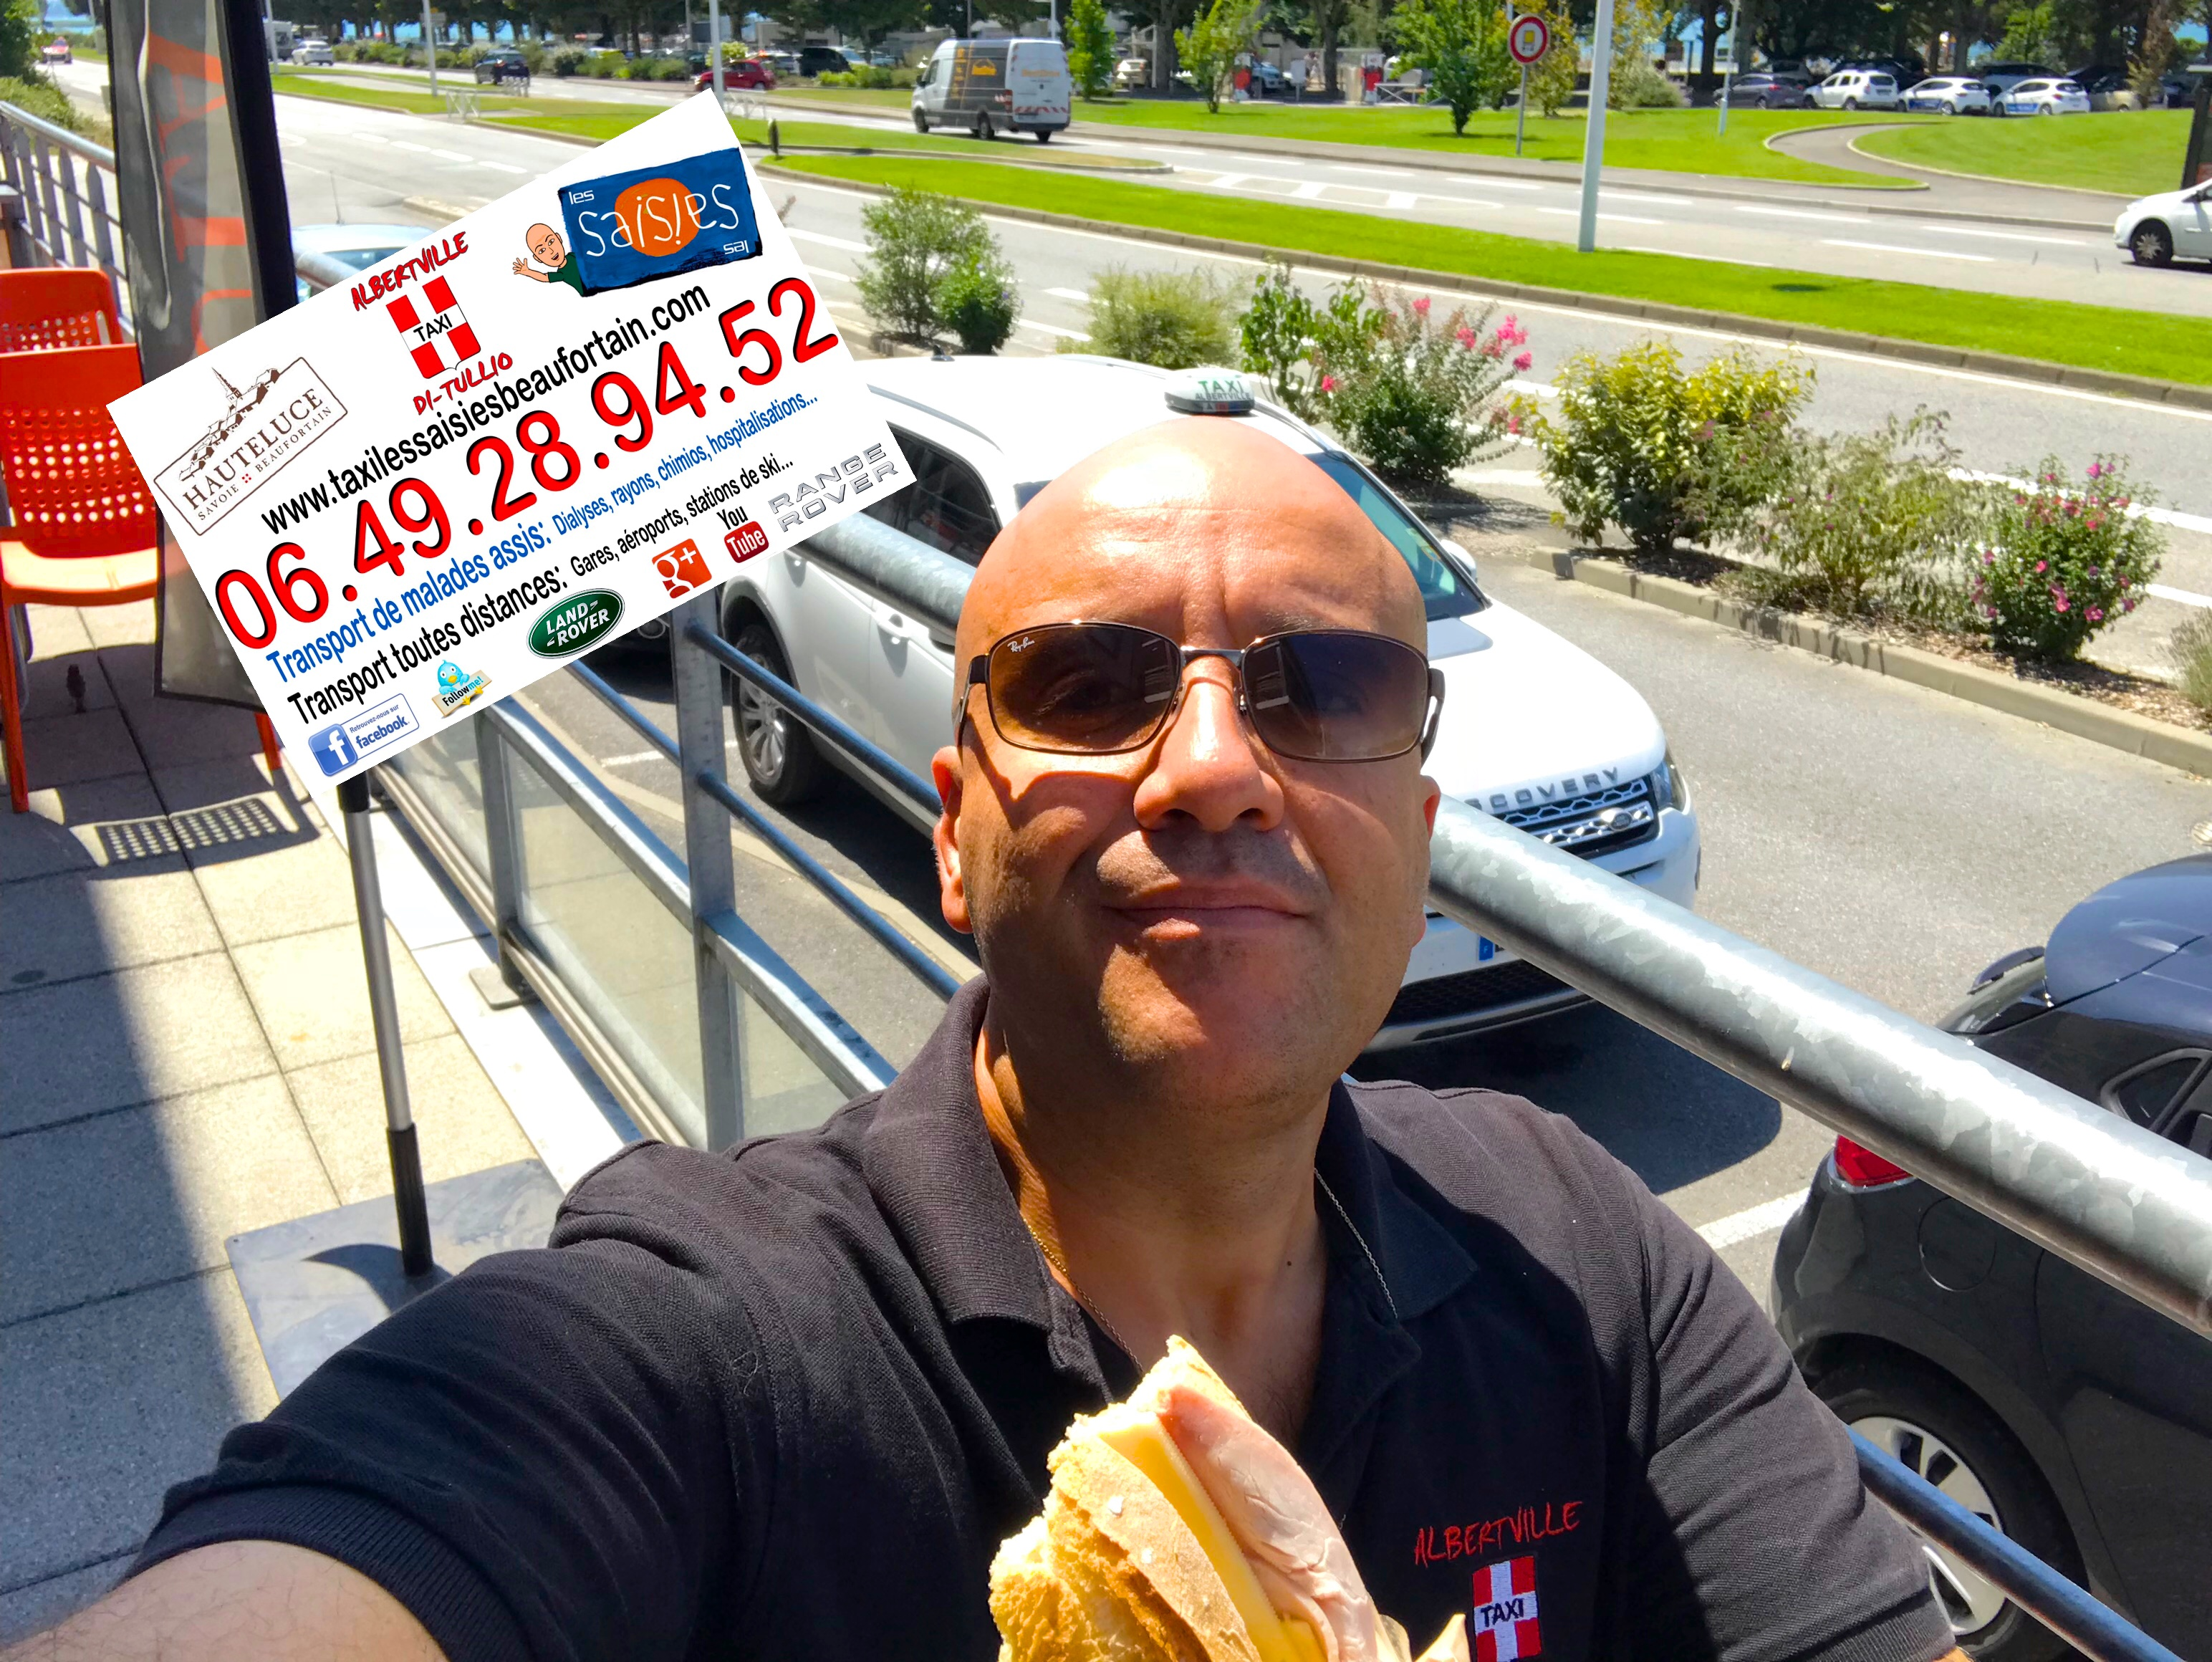 Taxi Di Tullio sur réservation au 06.49.28.94.52.